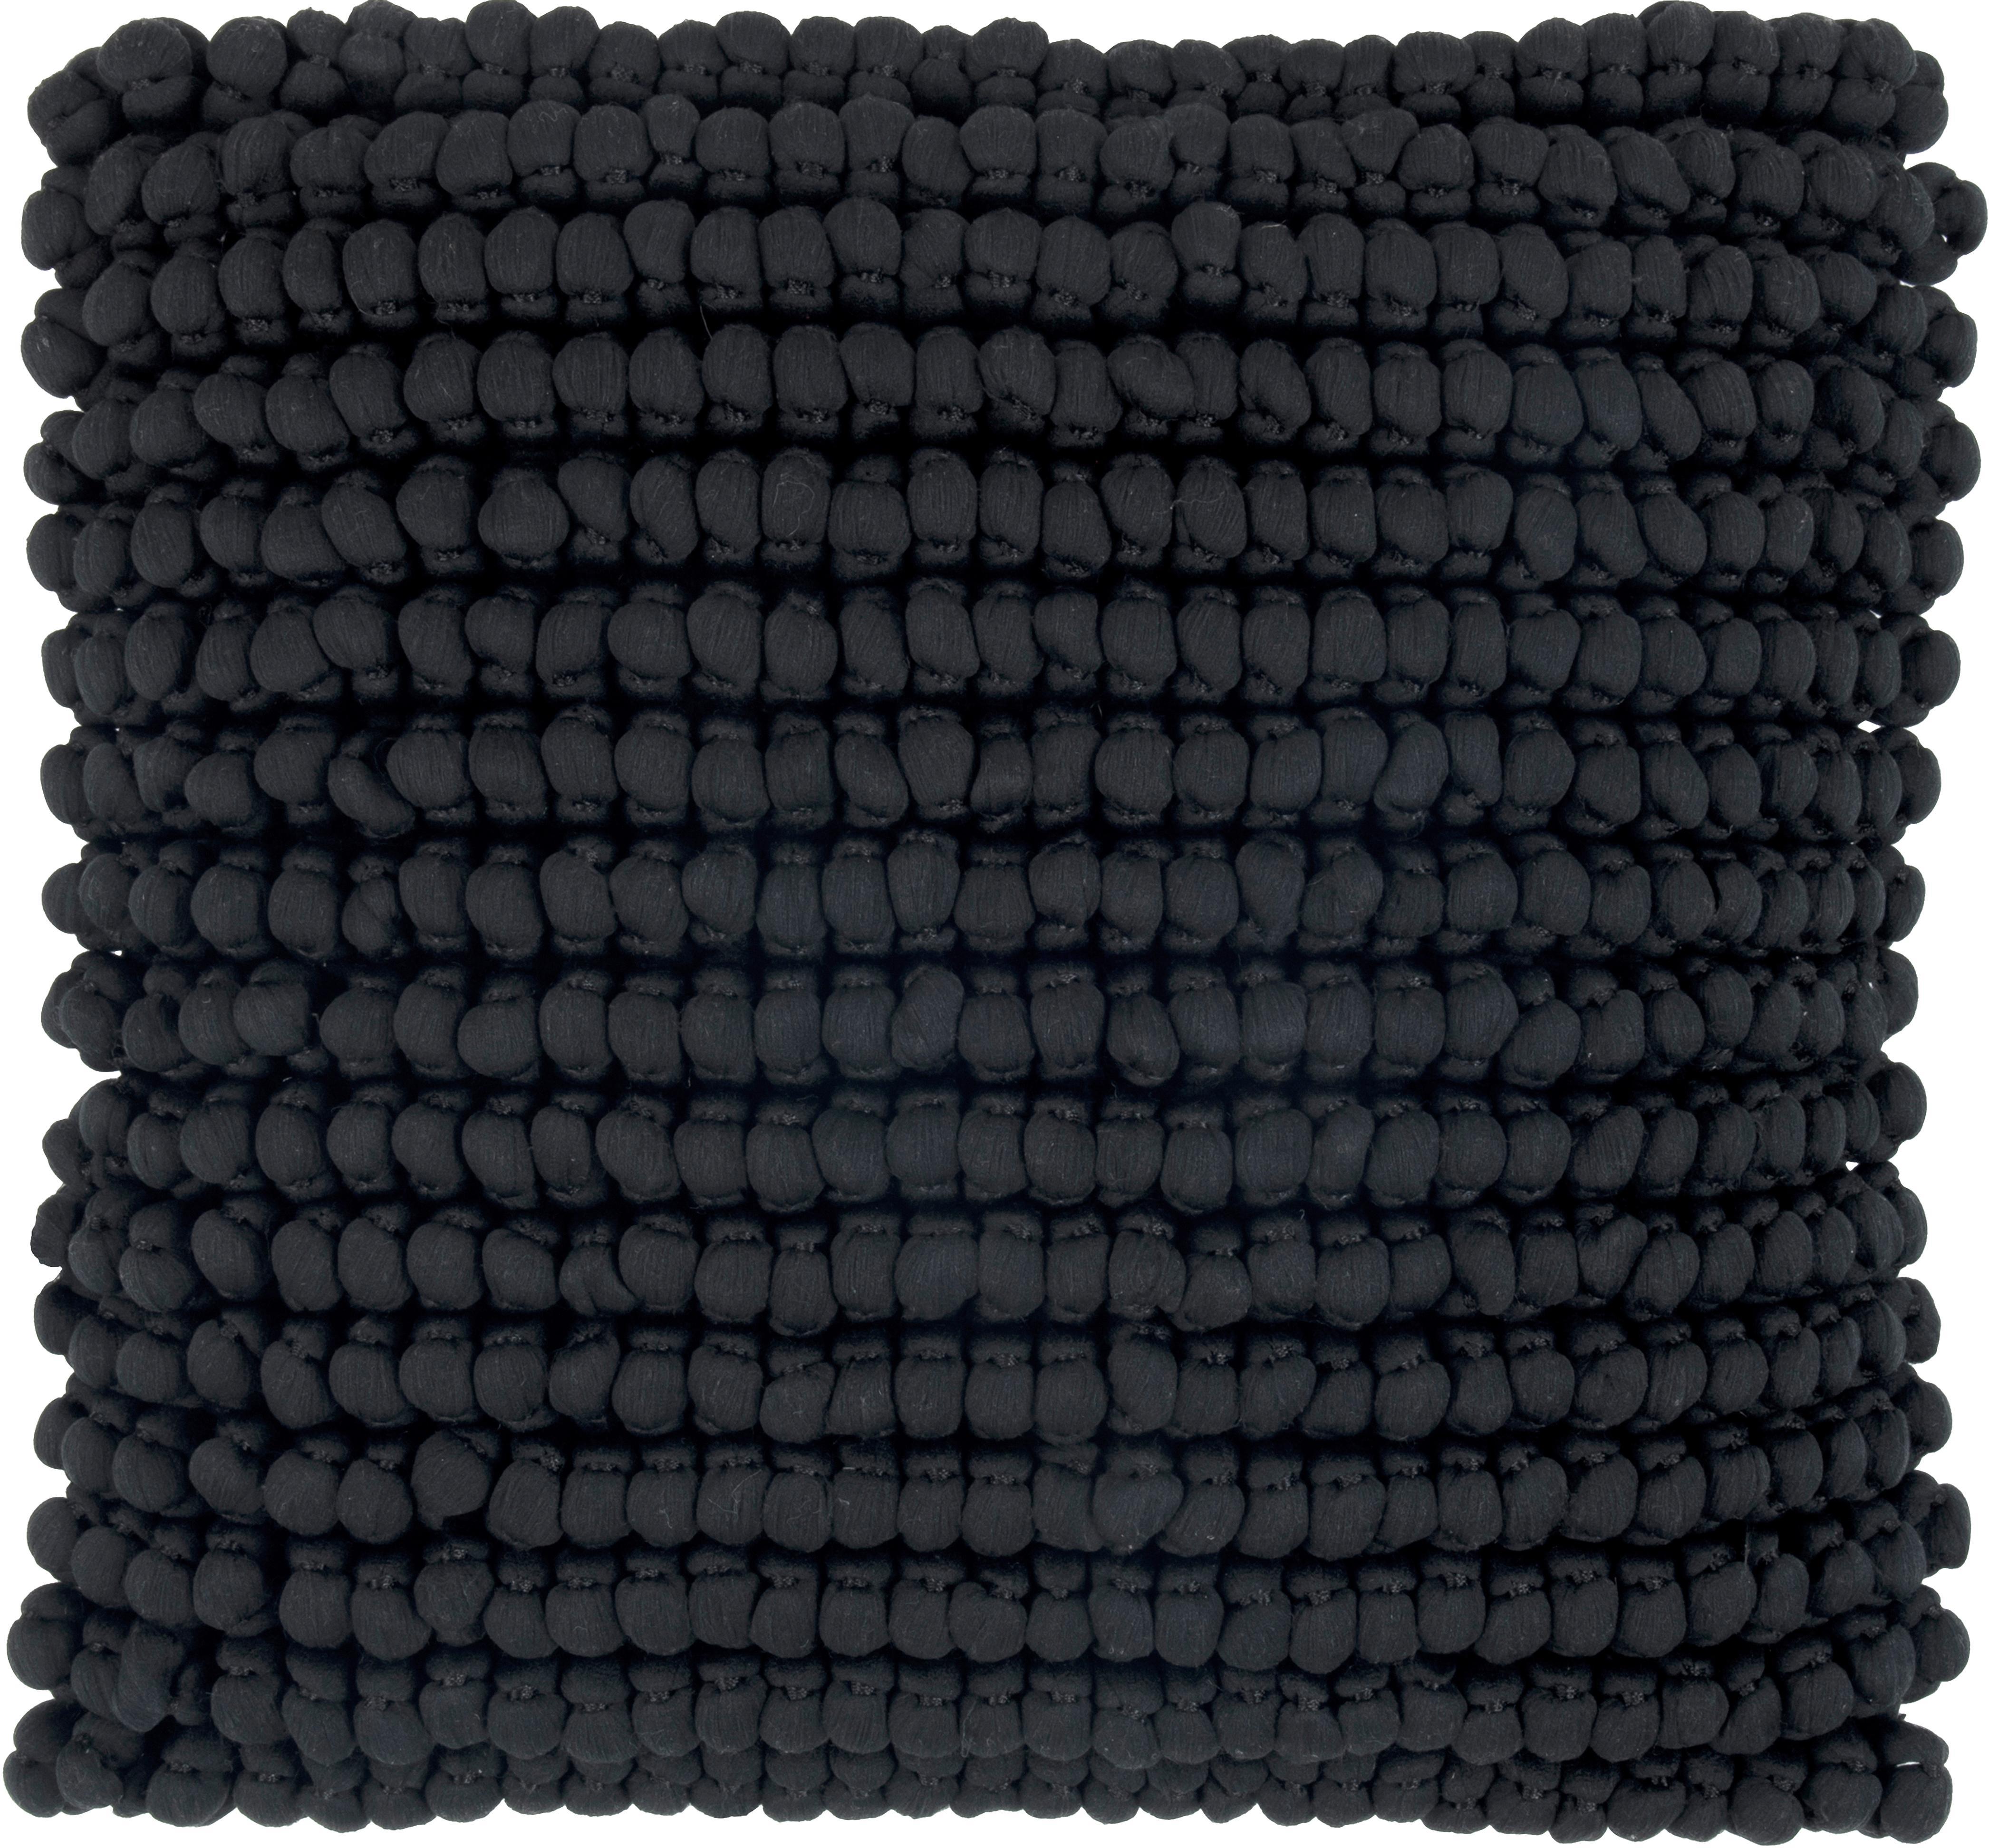 Federa arredo in nero Iona, Retro: cotone, Rivestimento: nero Gambe: nero, Larg. 45 x Lung. 45 cm